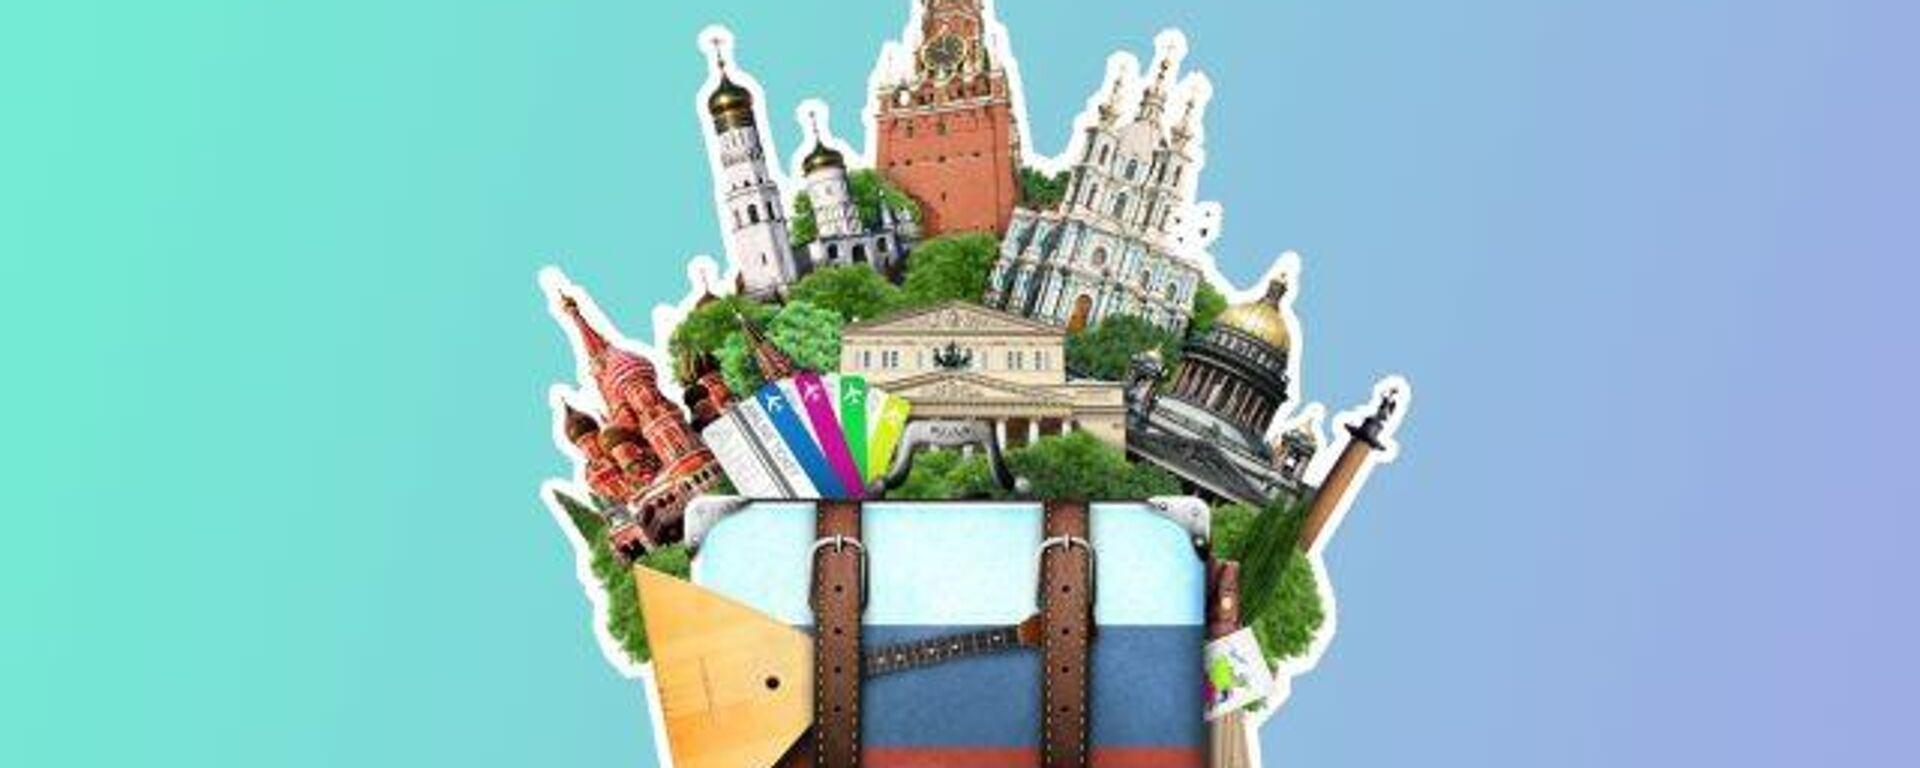 ¿Por qué el 6 de junio se celebra el Día de la Lengua Rusa?  - Sputnik Mundo, 1920, 05.06.2021